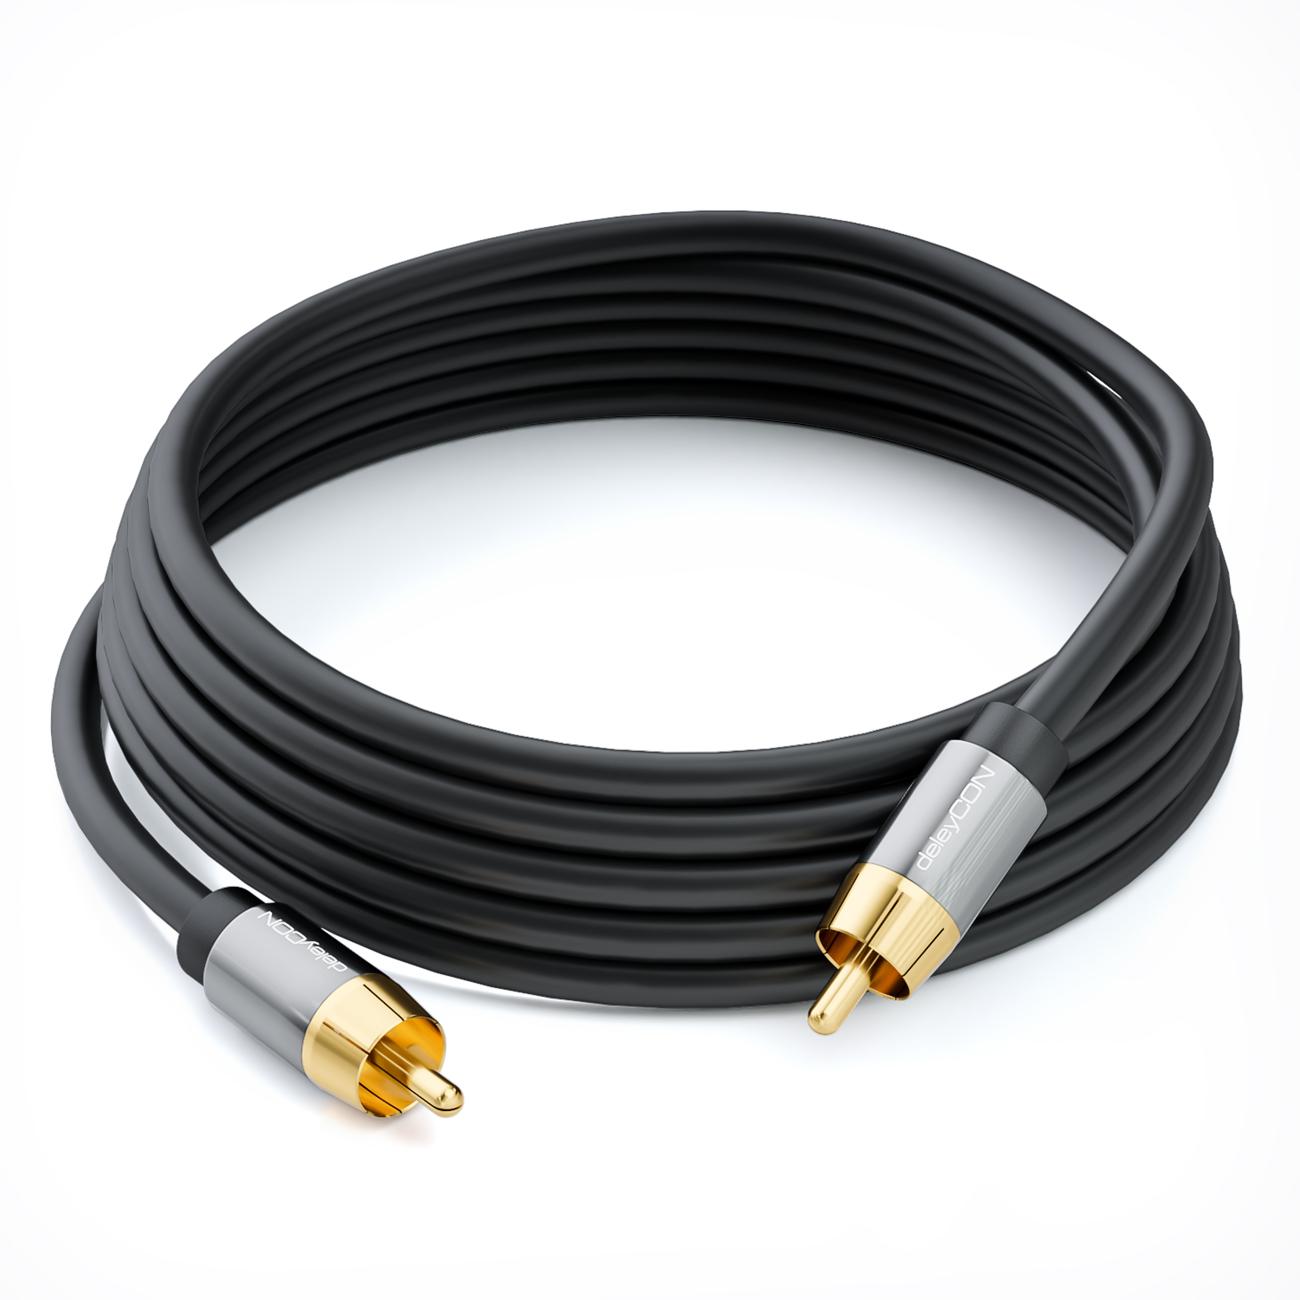 deleycon 5m subwoofer kabel cinch rca kabel 2x cinch. Black Bedroom Furniture Sets. Home Design Ideas